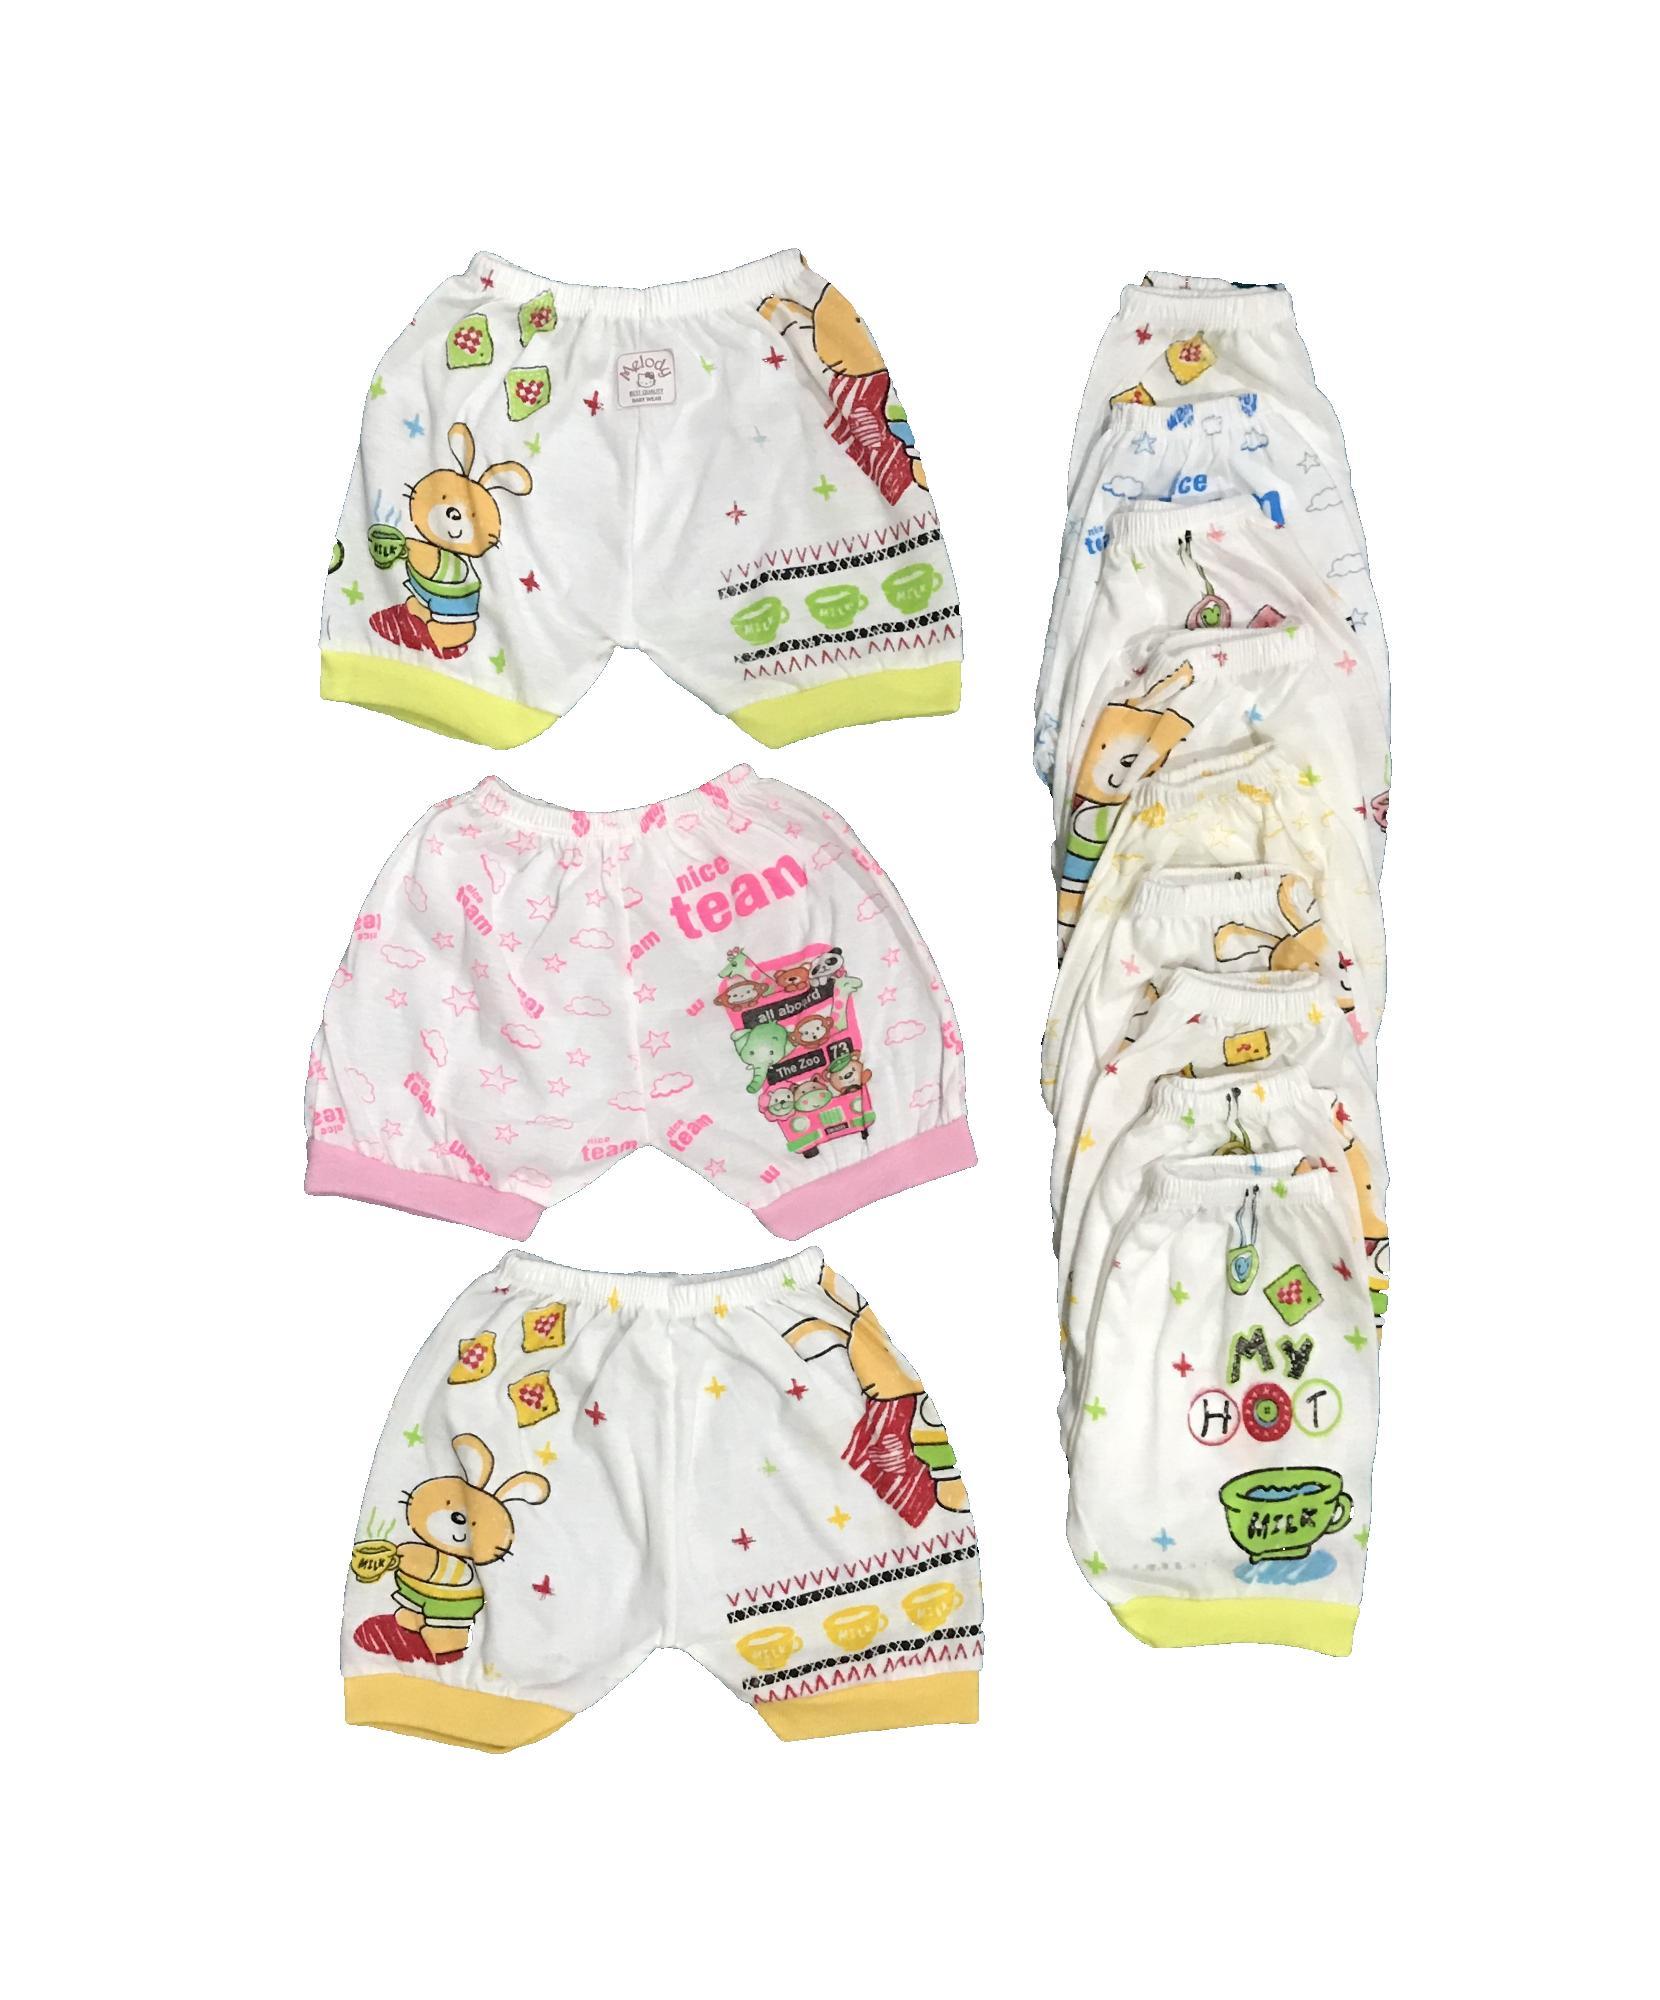 Bawahan Bayi Terbaik Celana Pendek Motif Size Newborn 3 Pcs Bayie Isi 12 Melody Umur 0 Bulan